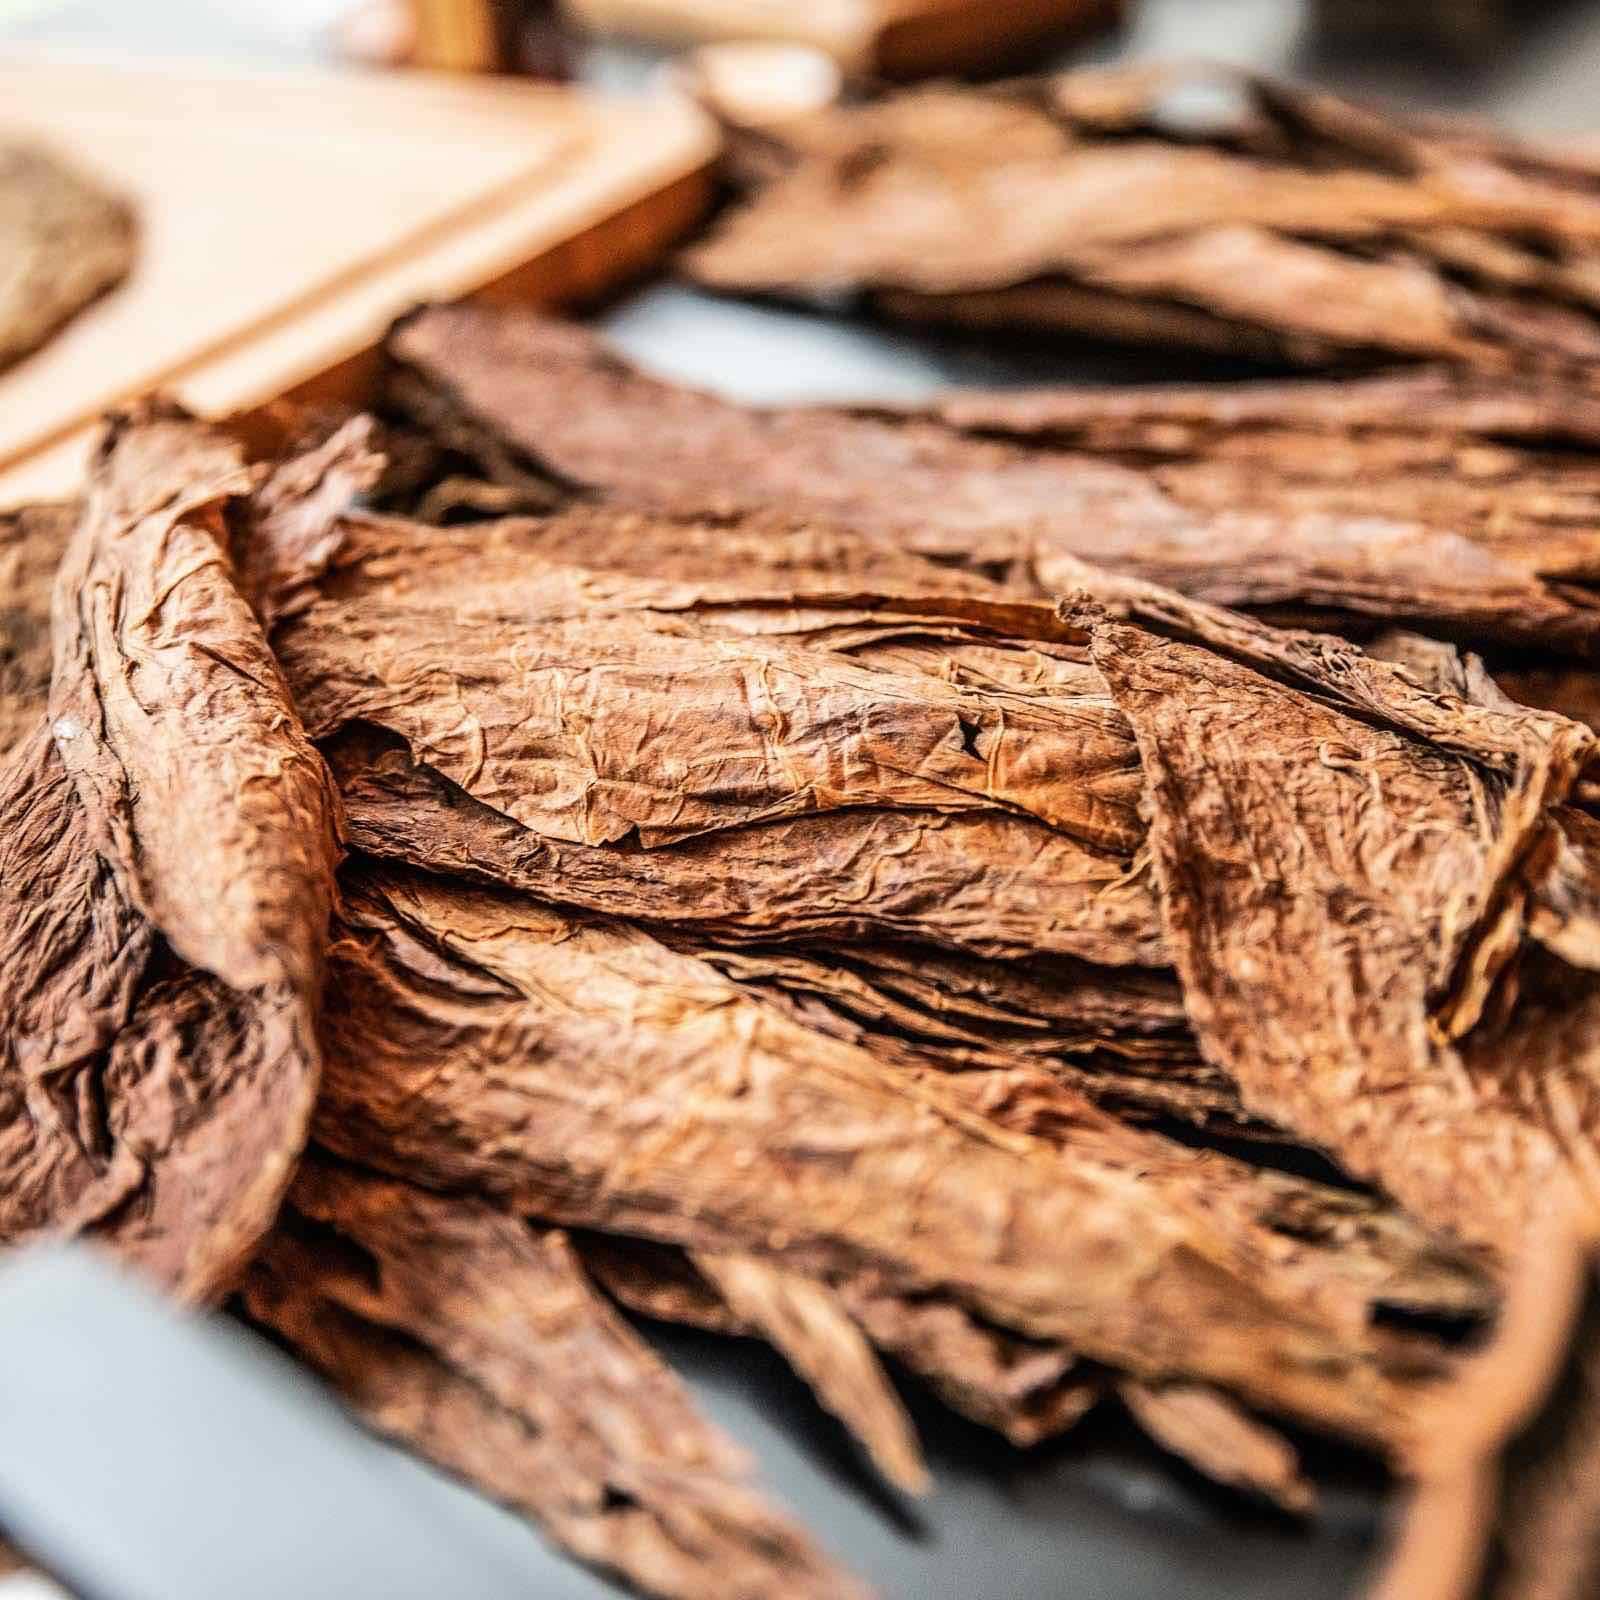 Zigarrendreher | Hamburg | Zigarrenroller | Trocadero | Zigarrenrollerin | Zigarren | Tabak | Zigarren | Banderole | Bauchbinde | drehen | Tabak | Sumatra | Brasilien | Cuba | Indonesien | Tabakpflanzen | Brasilien | Cuba | Brasilien